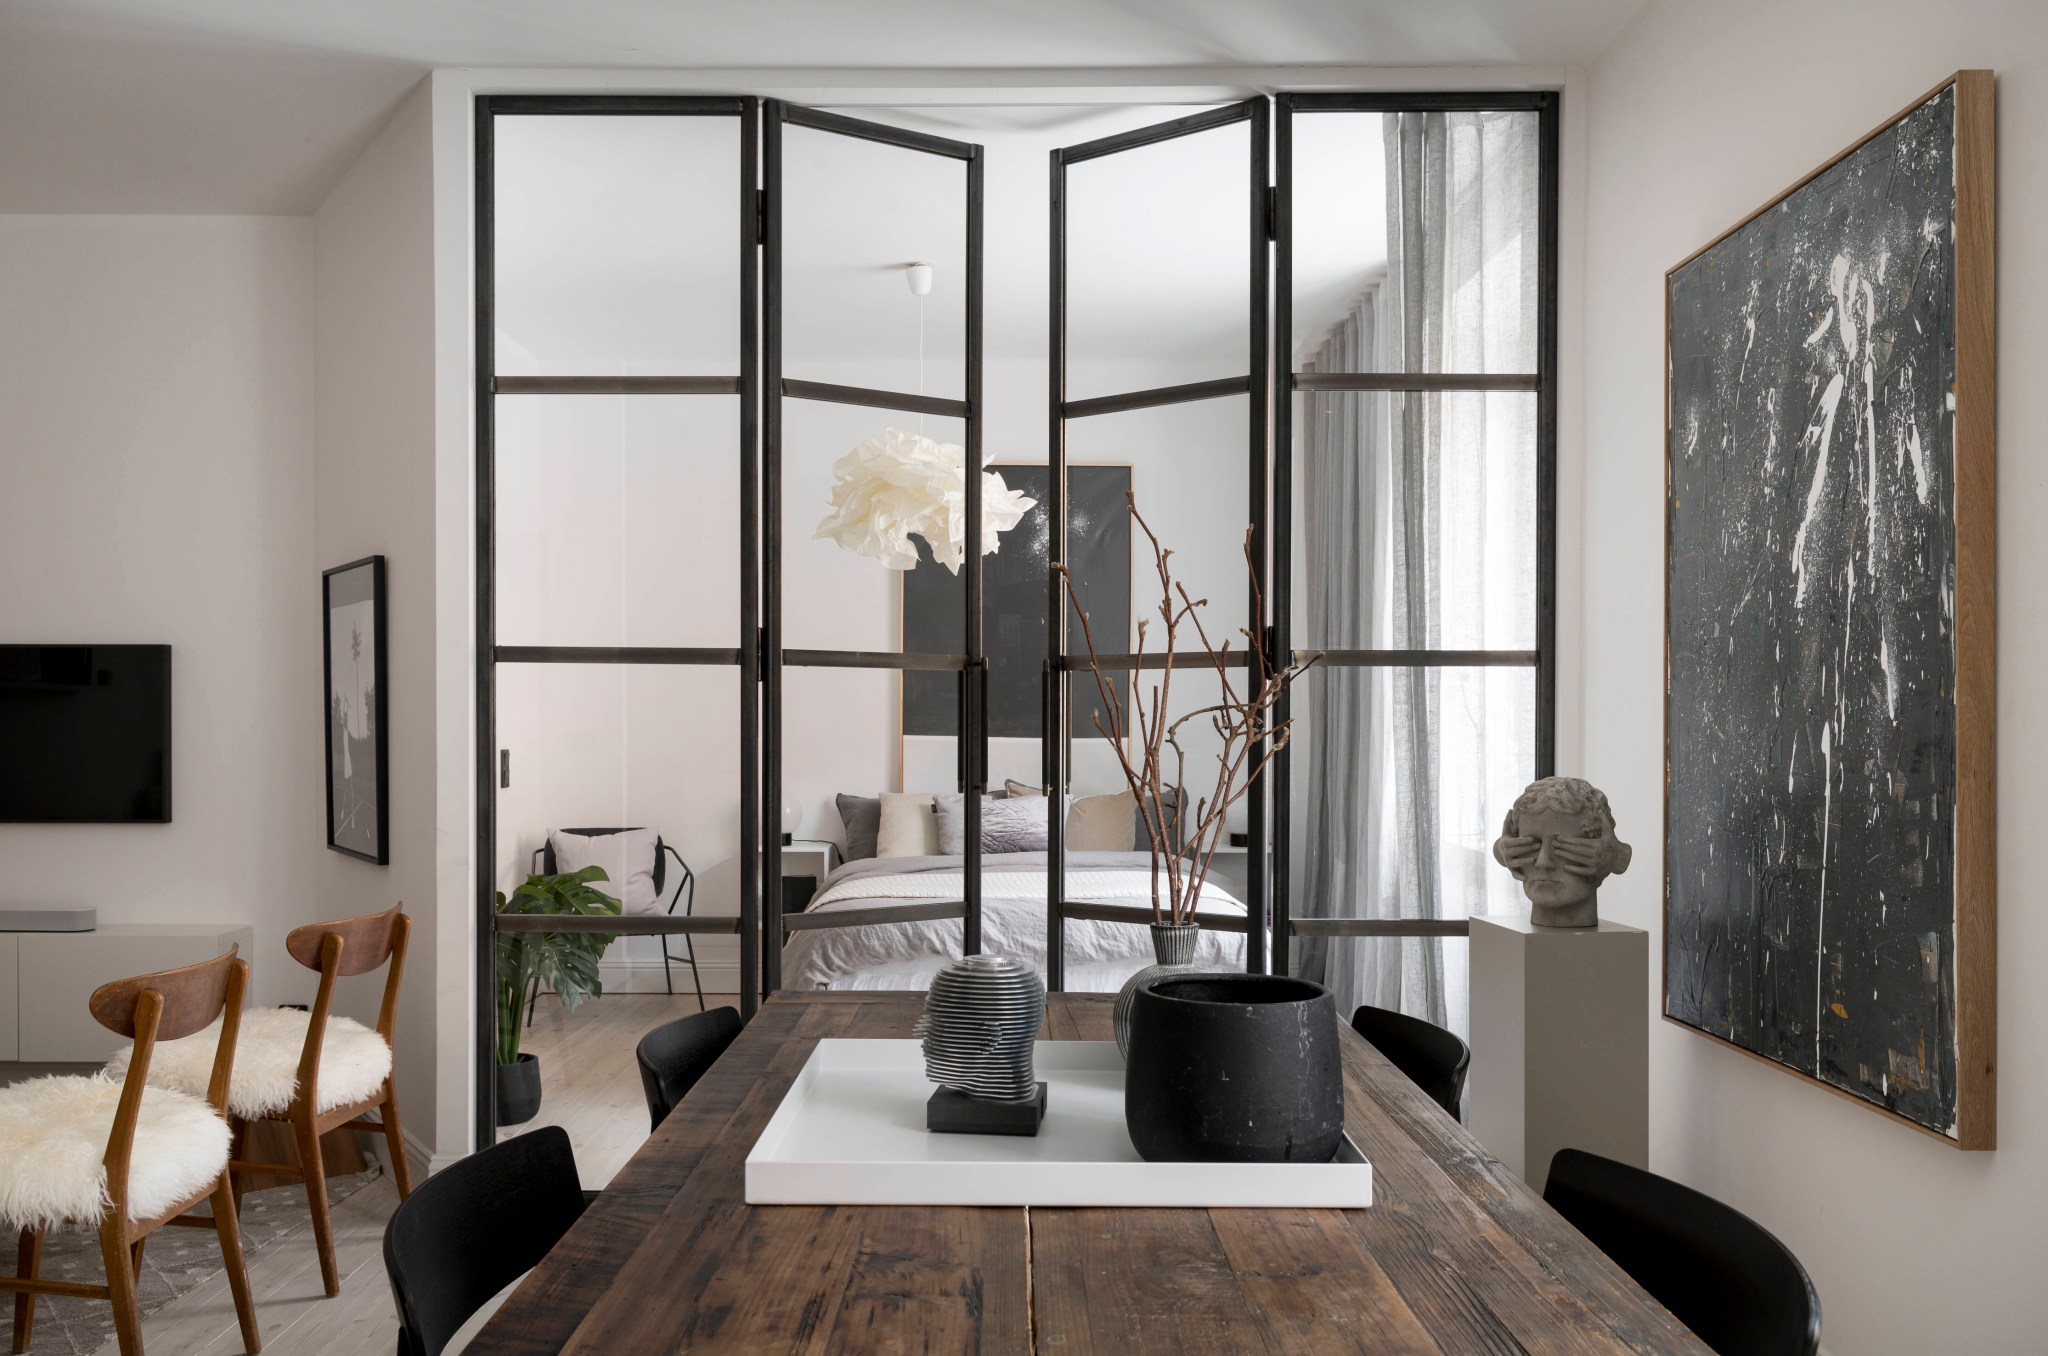 Uși de sticlă între living și dormitor într o garsonieră de 49 m² din Suedia 9